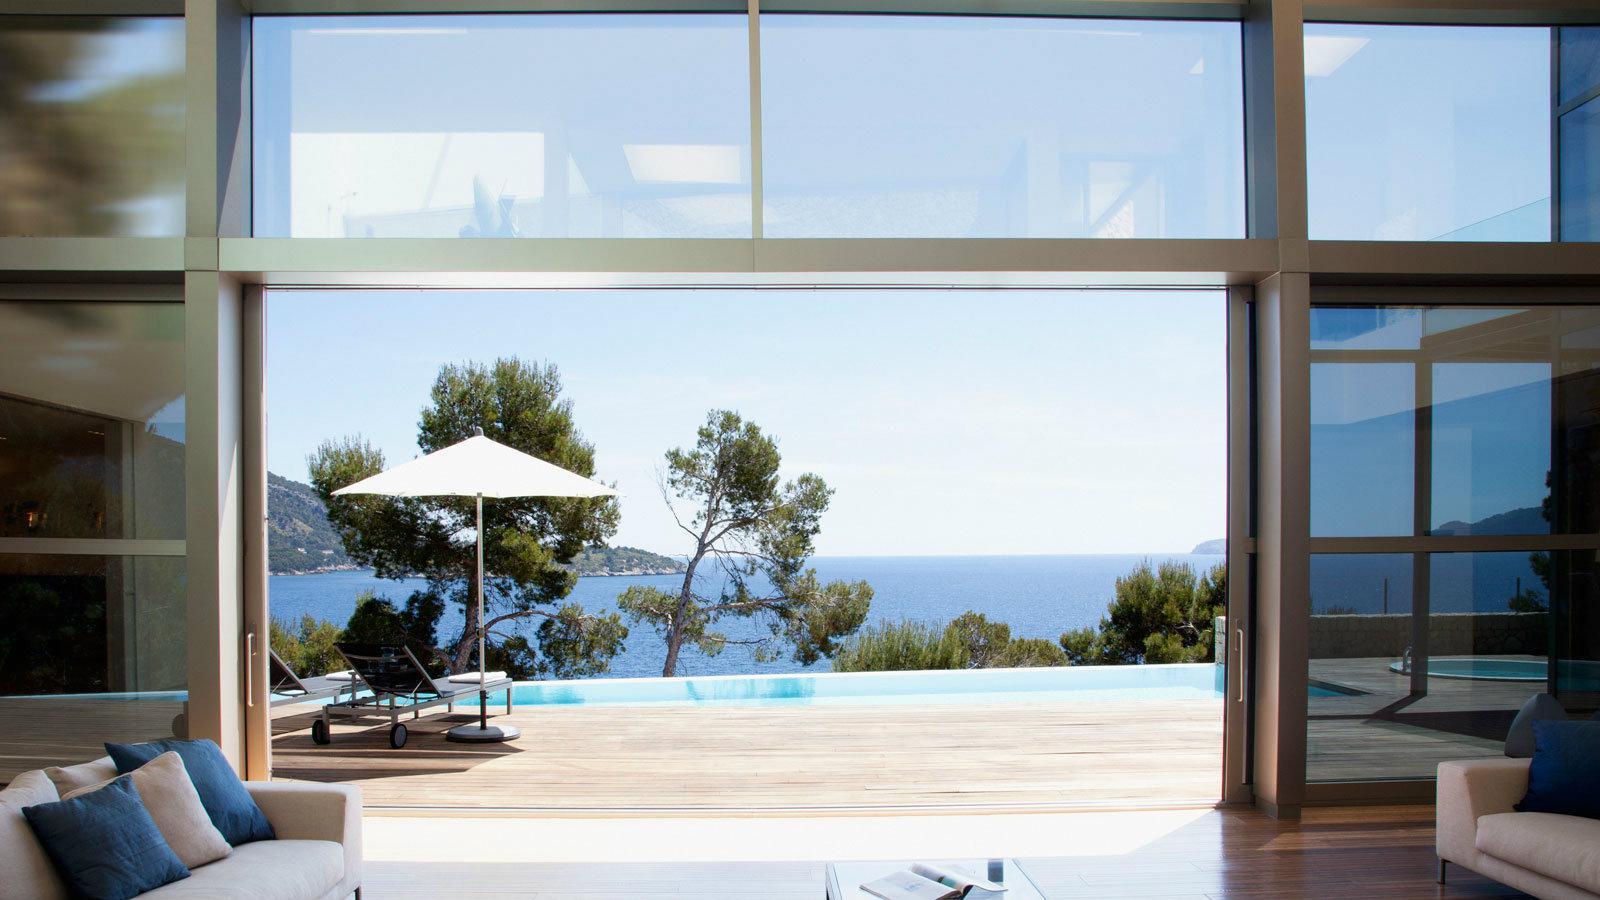 Τα προϊόντα τους είναι στην διάθεση κάθε Έλληνα που κατασκευάζει, ανακαινίζει, επισκευάζει και θωρακίζει ενεργειακά την κατοικία του